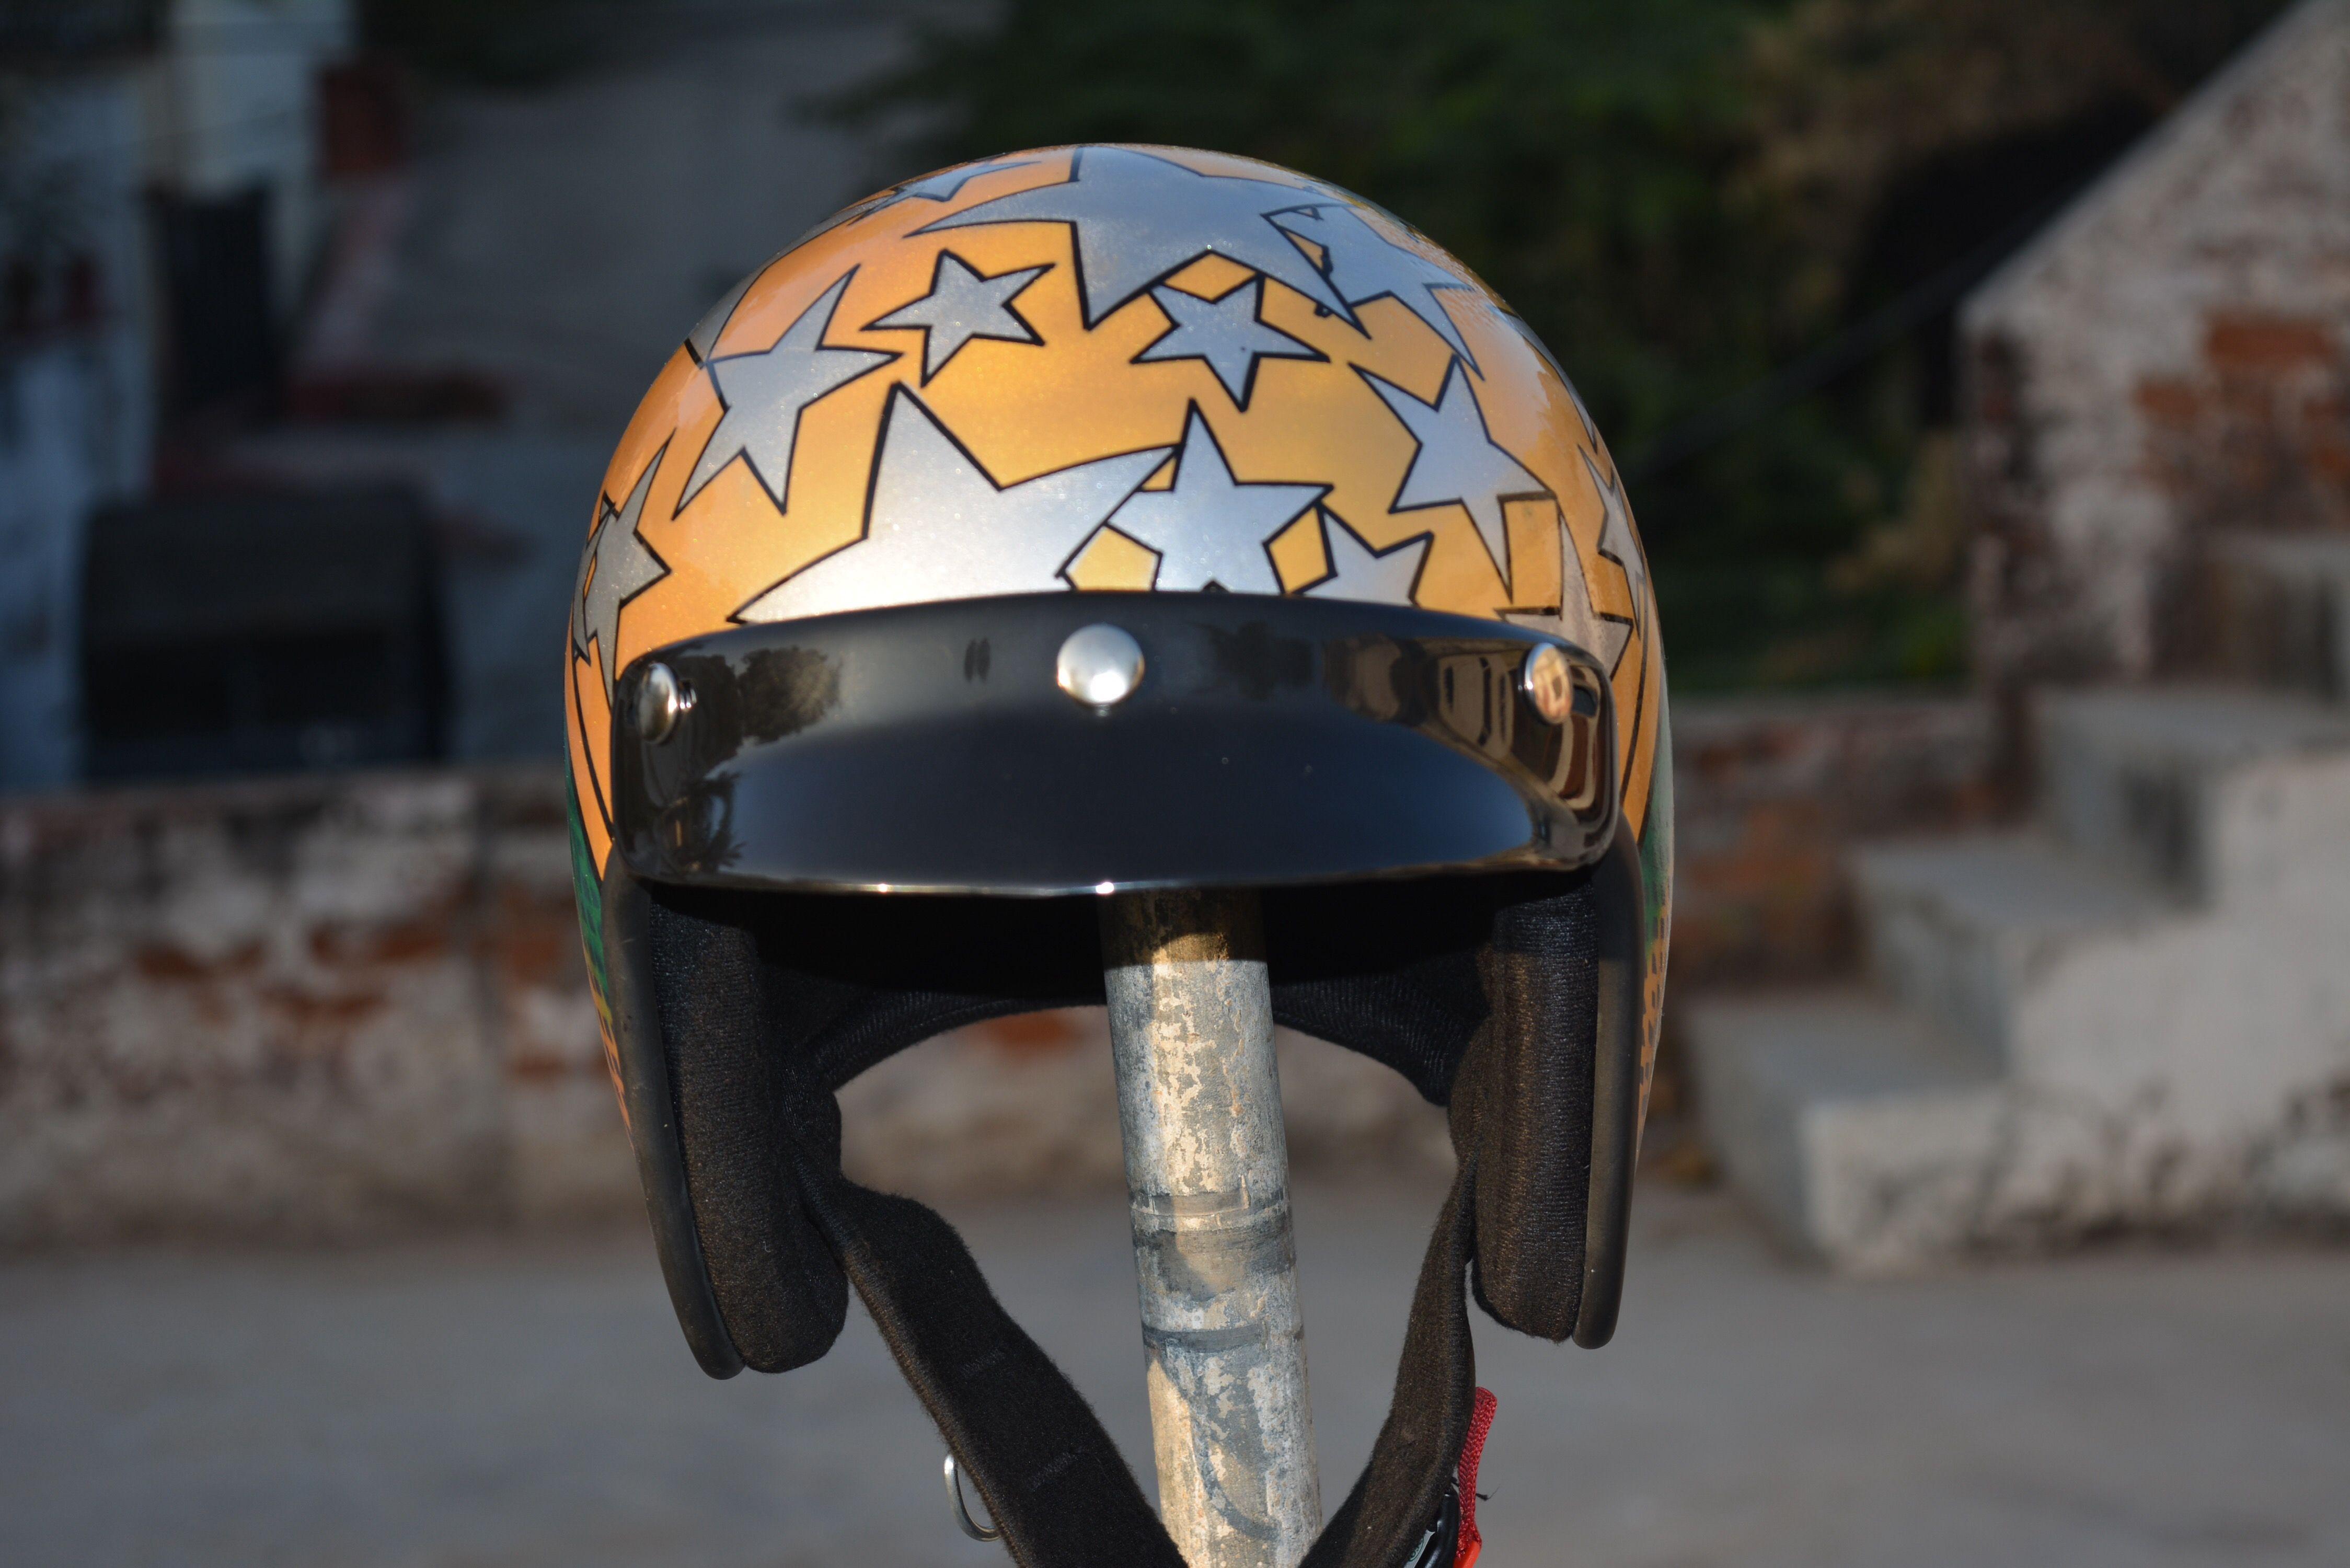 For Sale Brand New Custom Helmet Follow On Instagram Rbcustoms Helmets Custom Customhelmet Gold Stars Bike Bi With Images Custom Helmets Helmet Harley Davidson